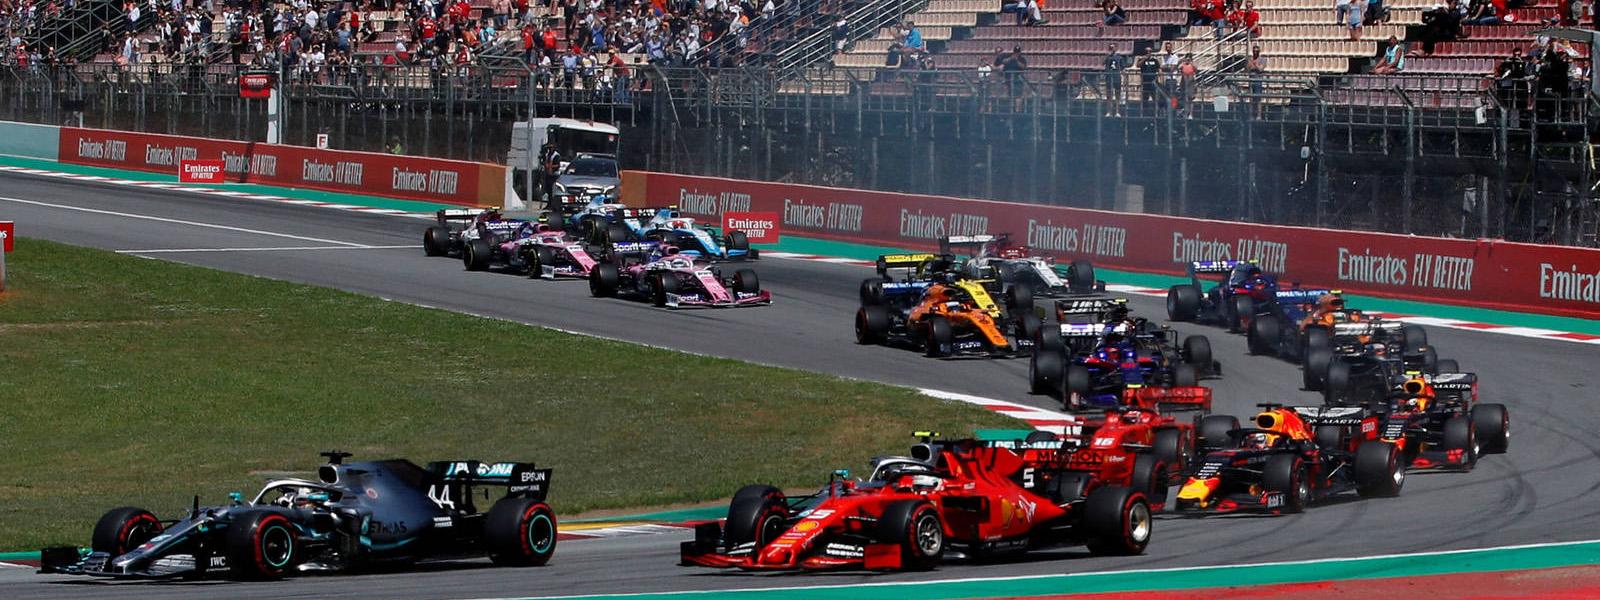 AUTO: La Fórmula Uno arrancará el 15 de marzo en Melbourne